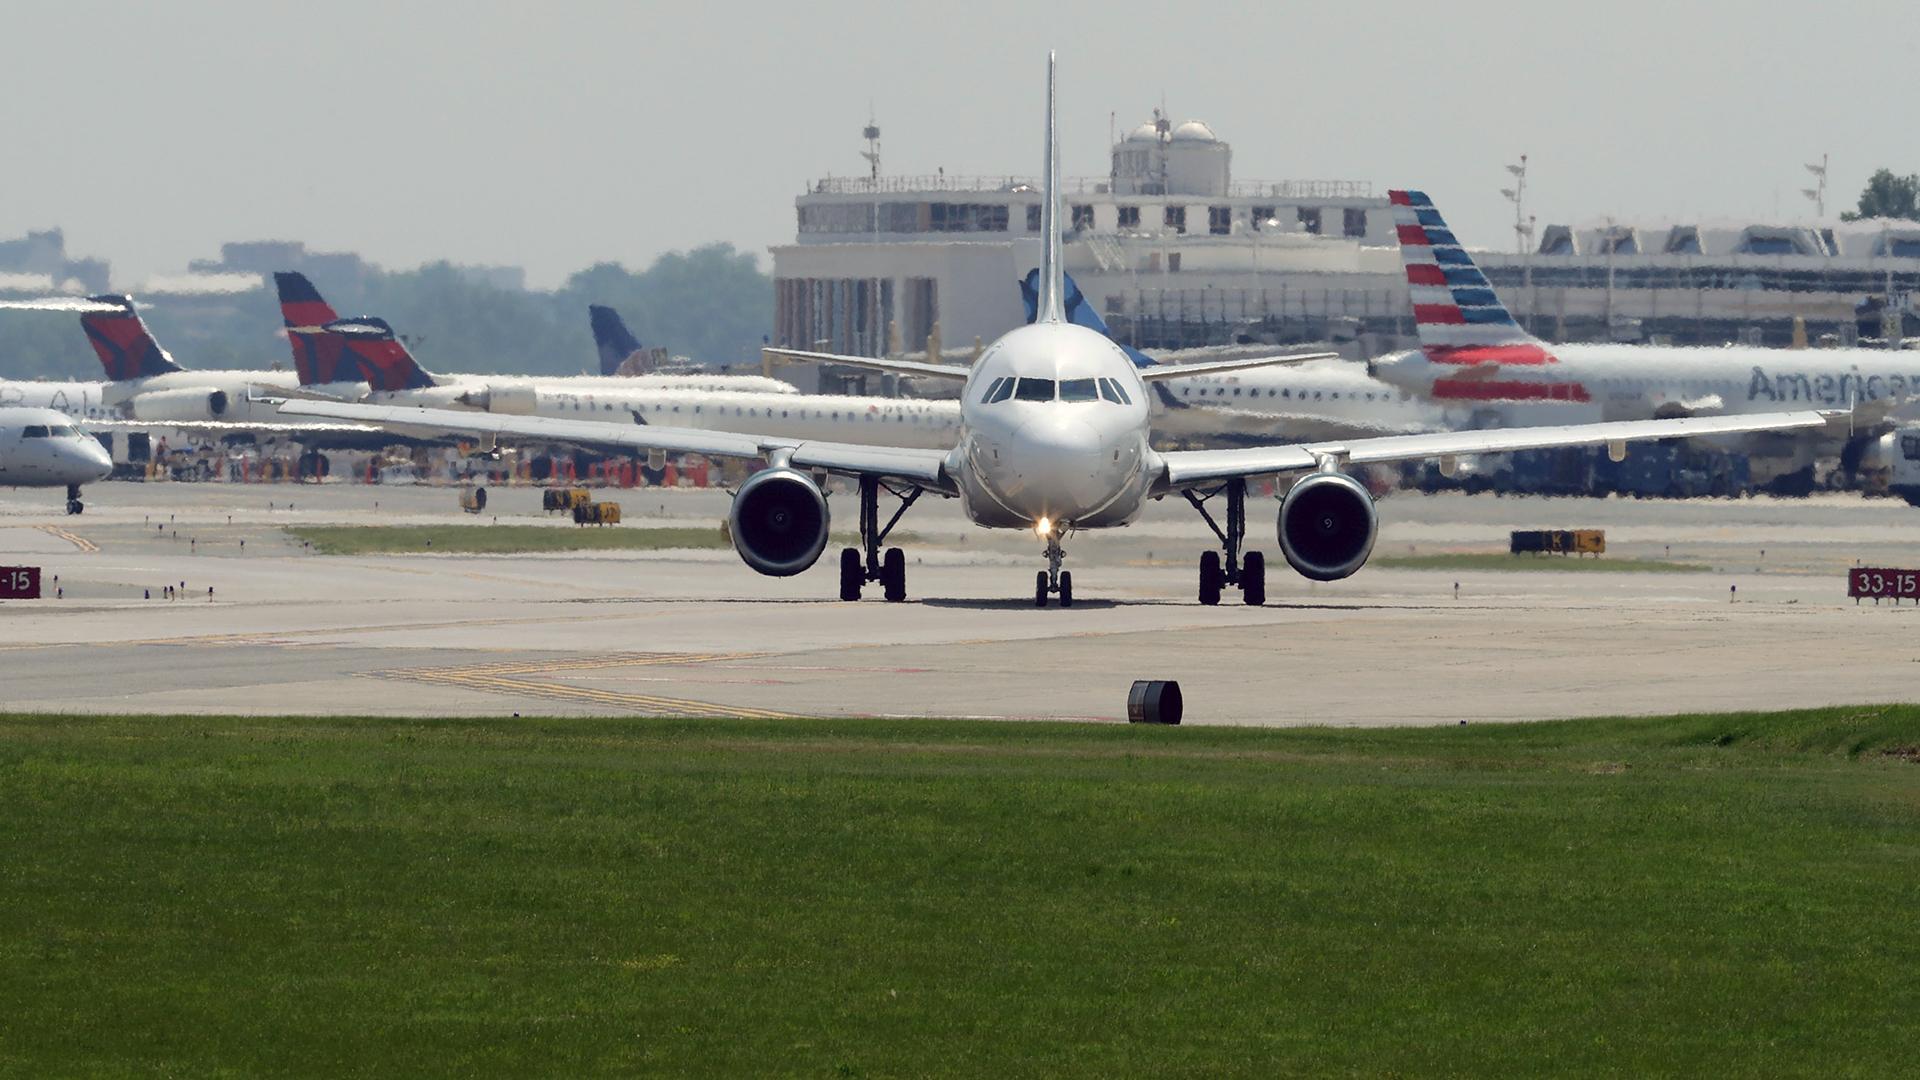 Airplanes waiting at airport-159532.jpg91976863